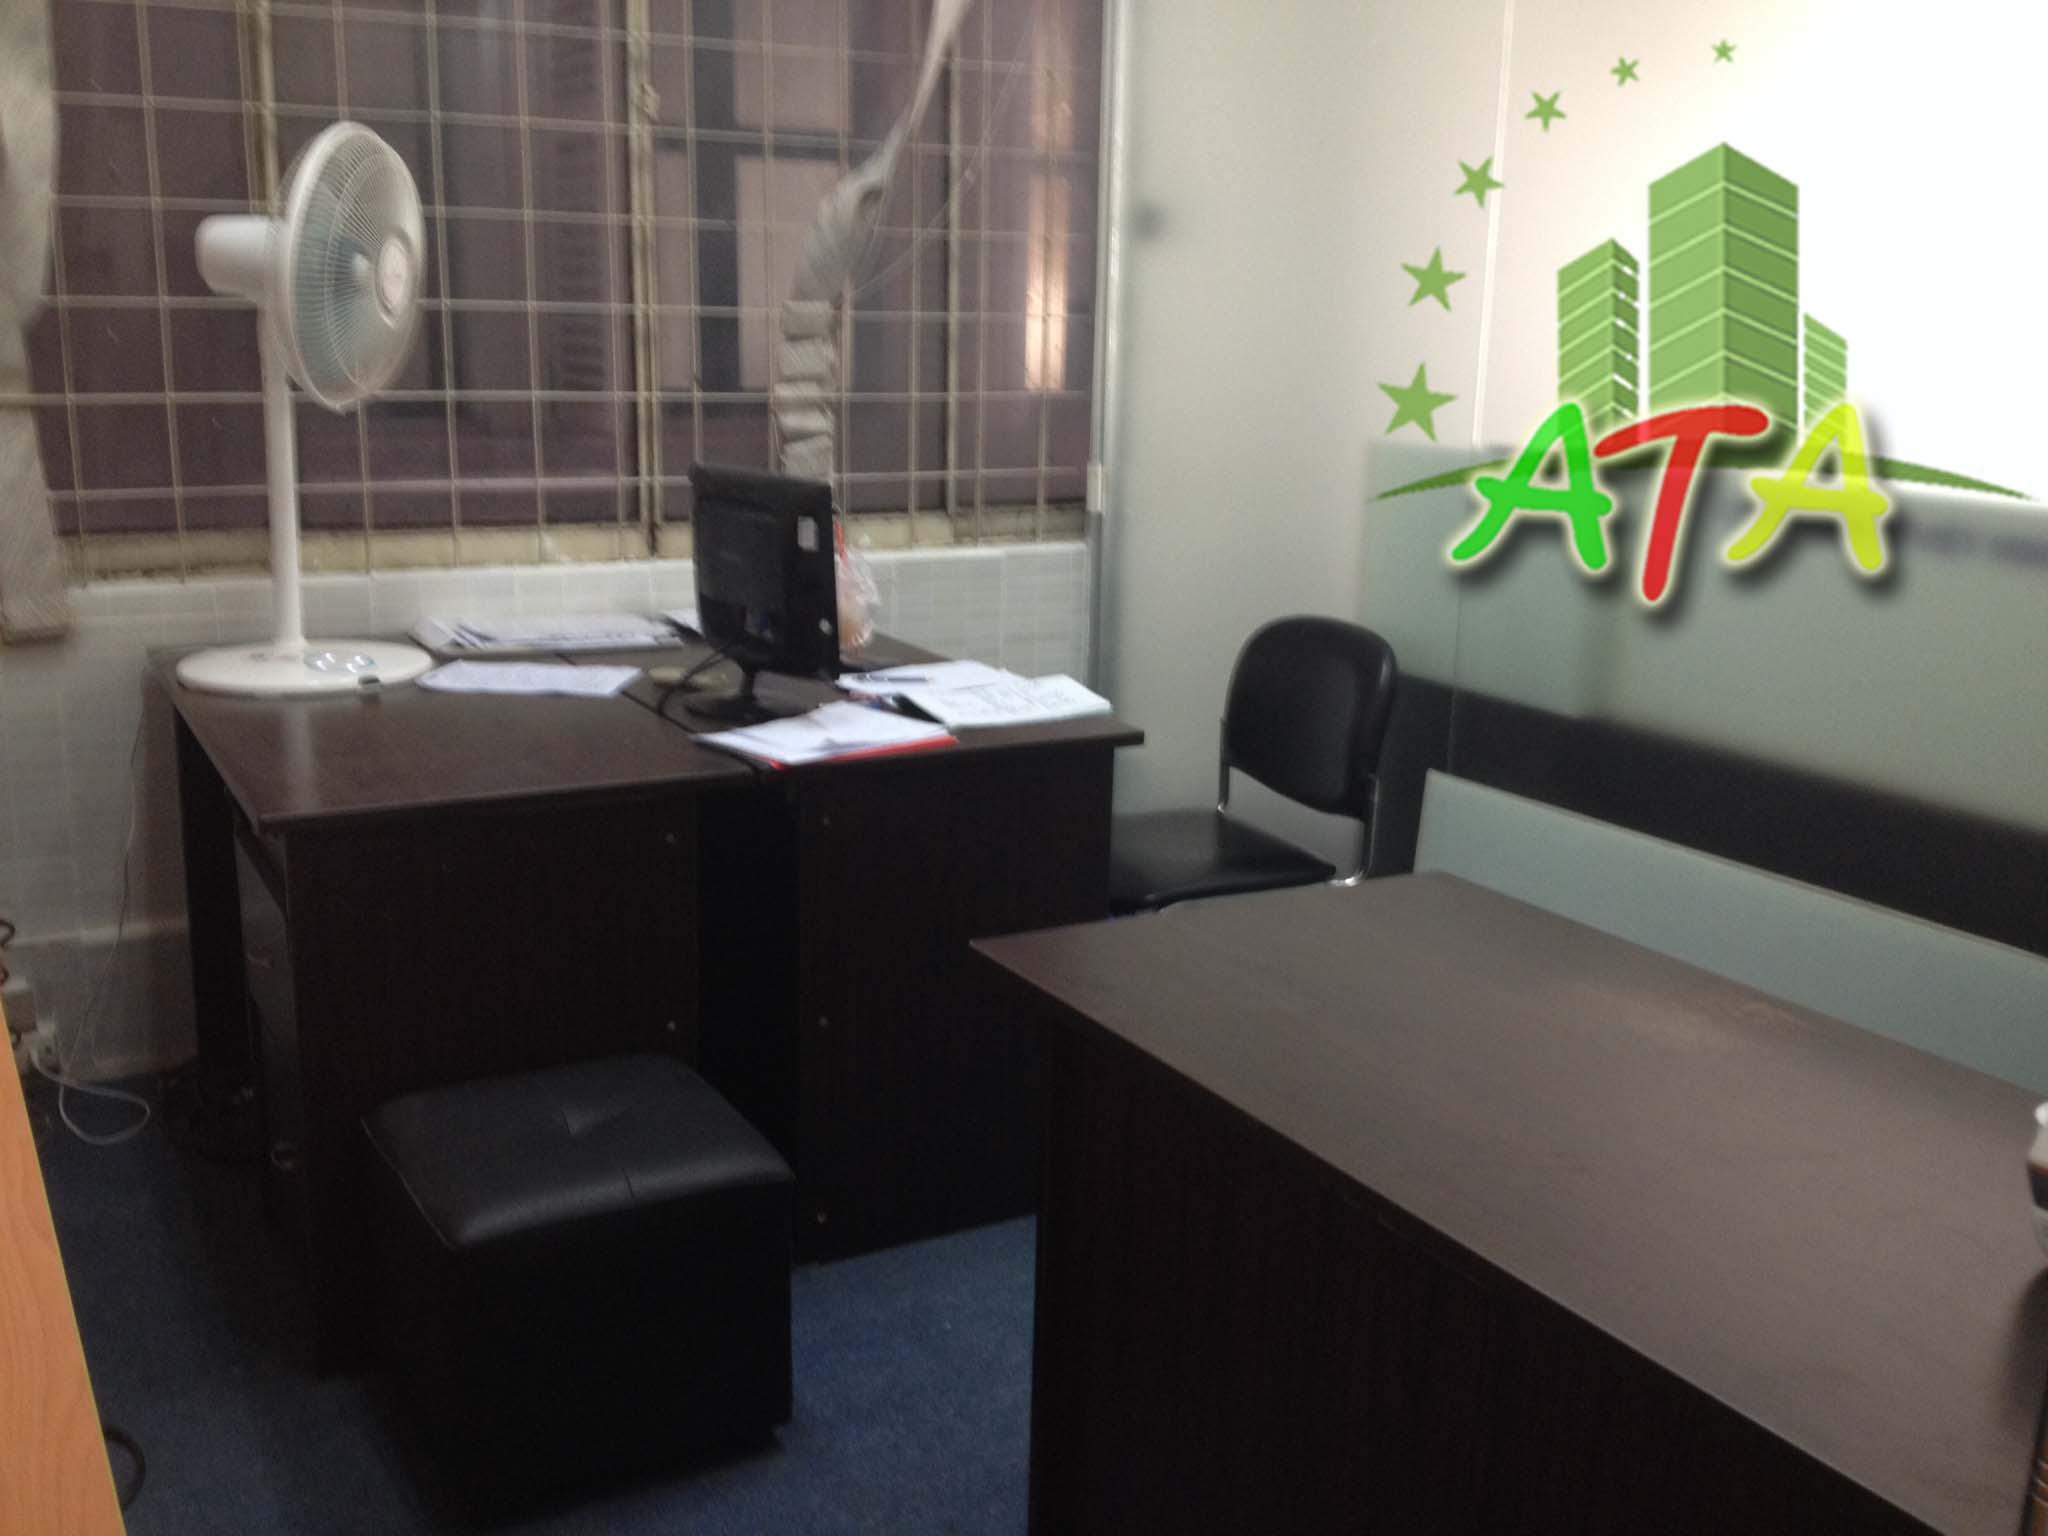 văn phòng cho thuê quận 1, Việt phone building,